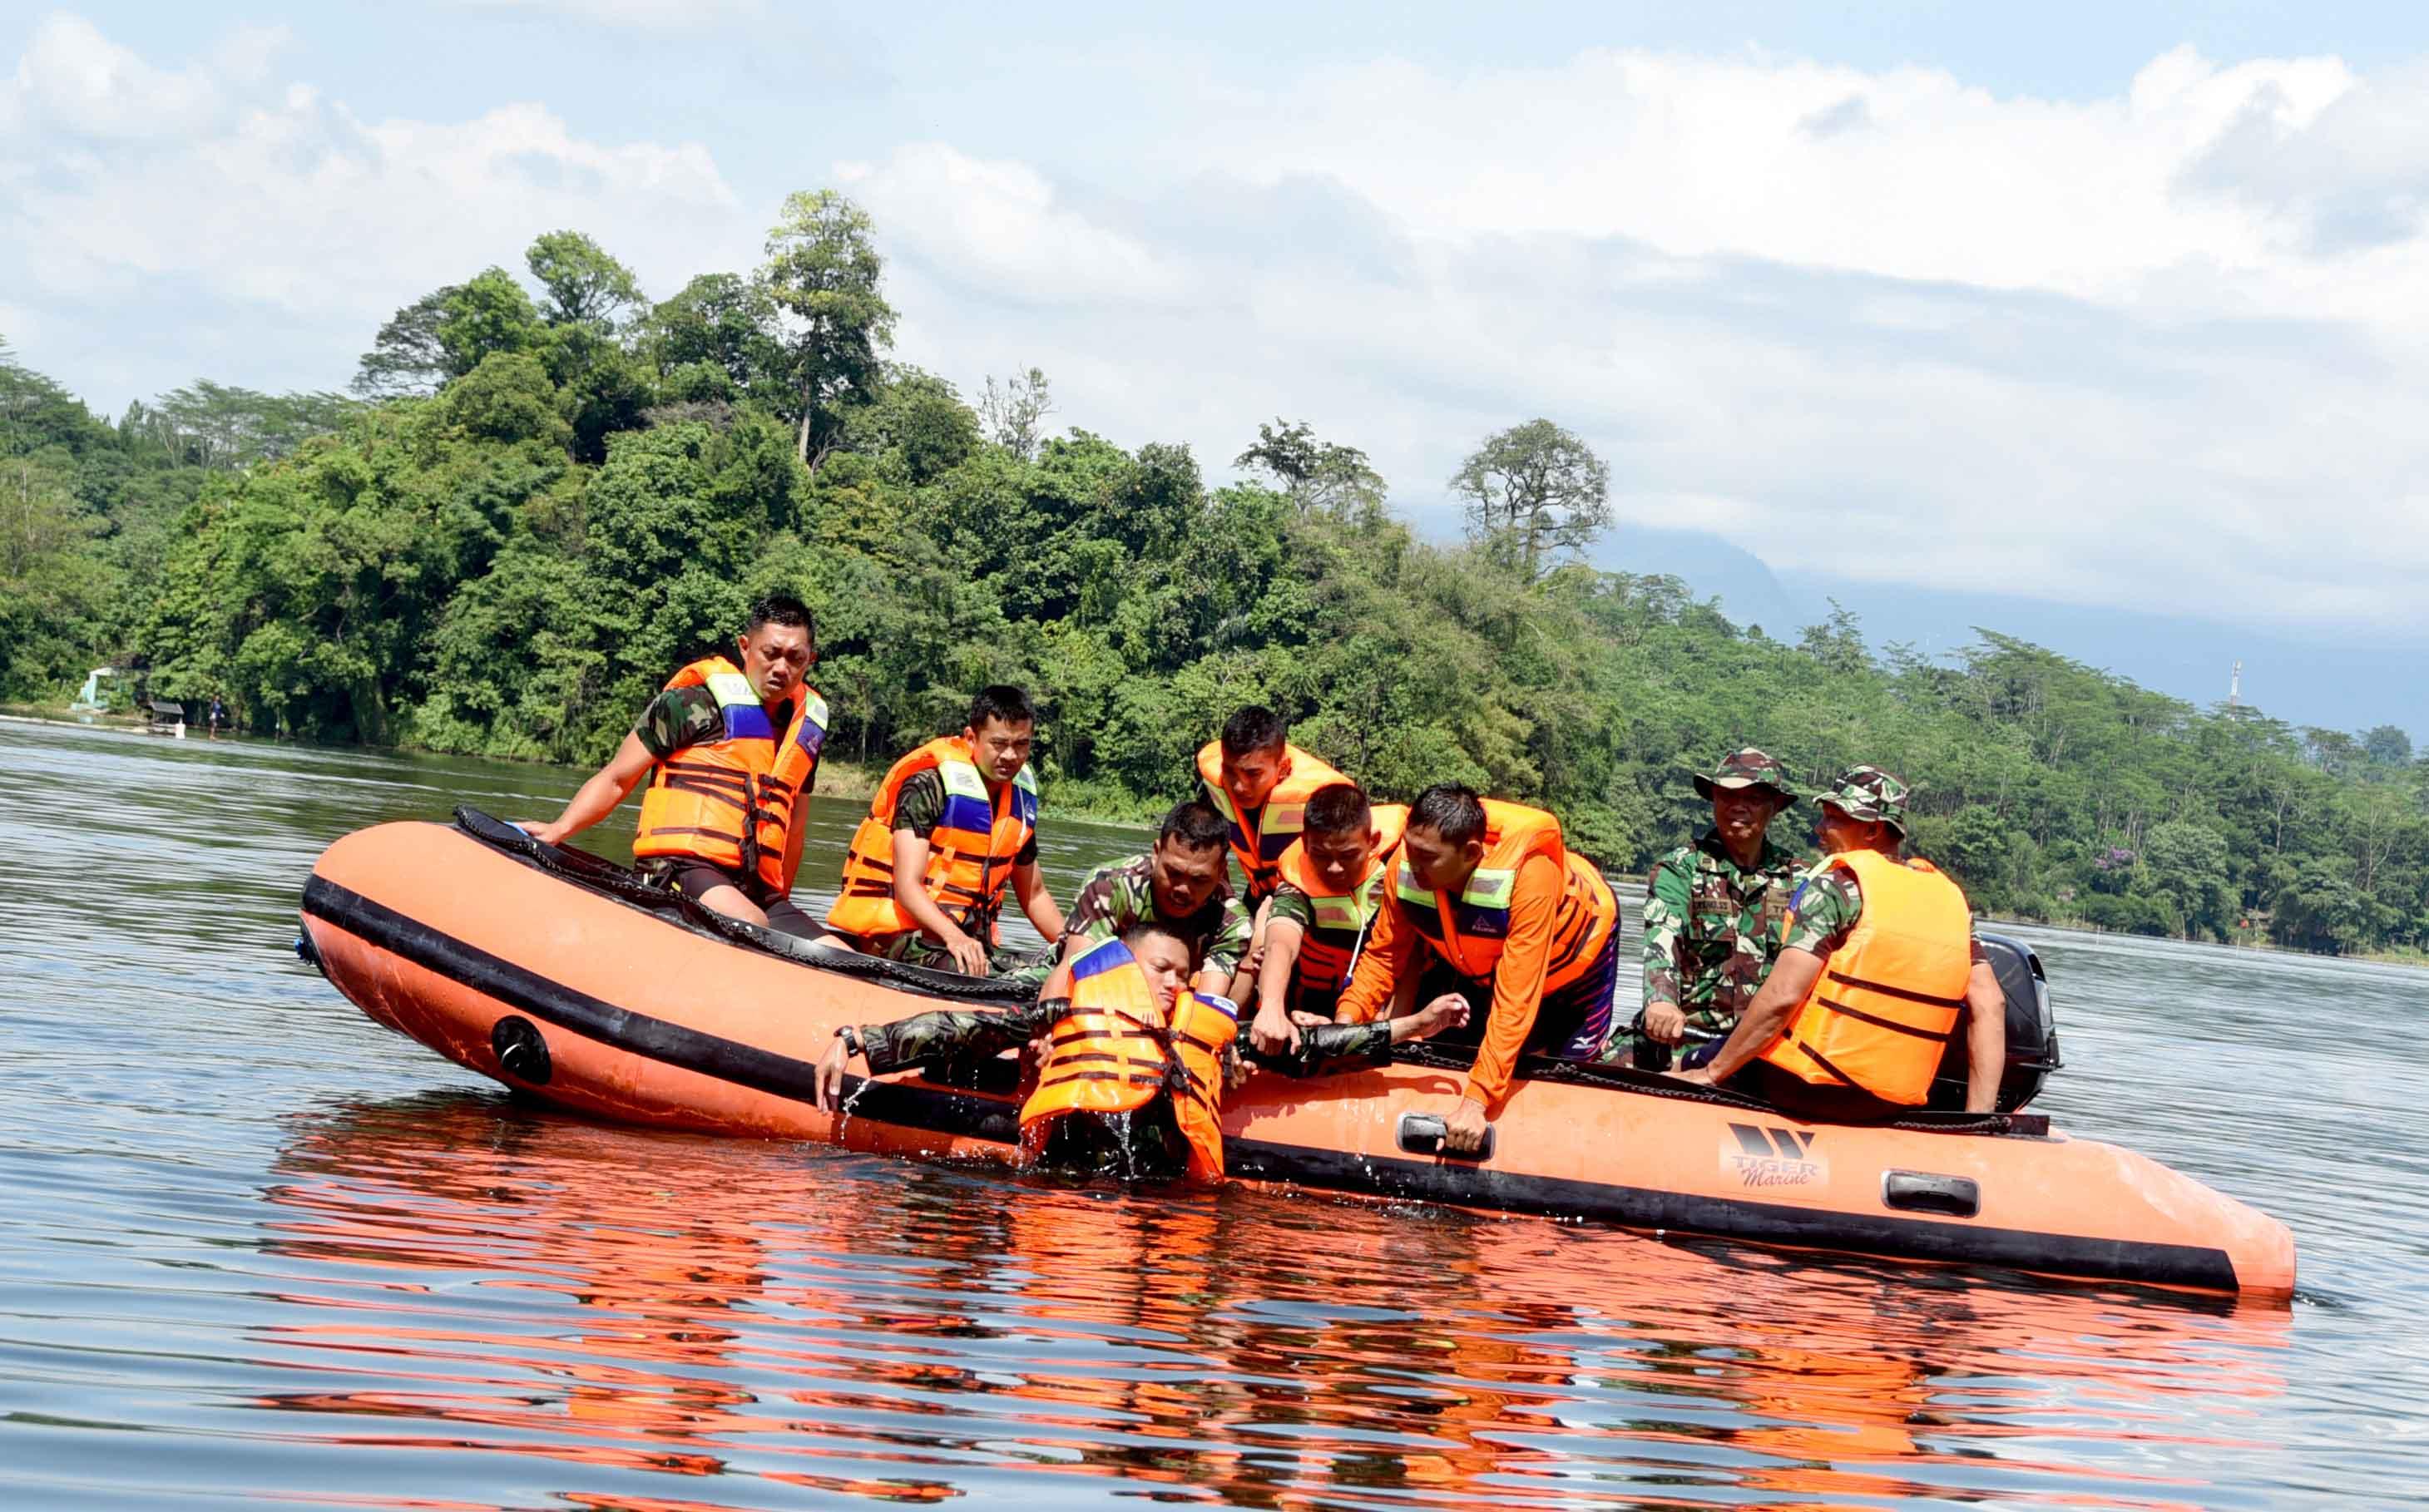 Personel Lanud Wiriadinata Latihan SAR dan Survival 2017 di Situgede Tasikmalaya